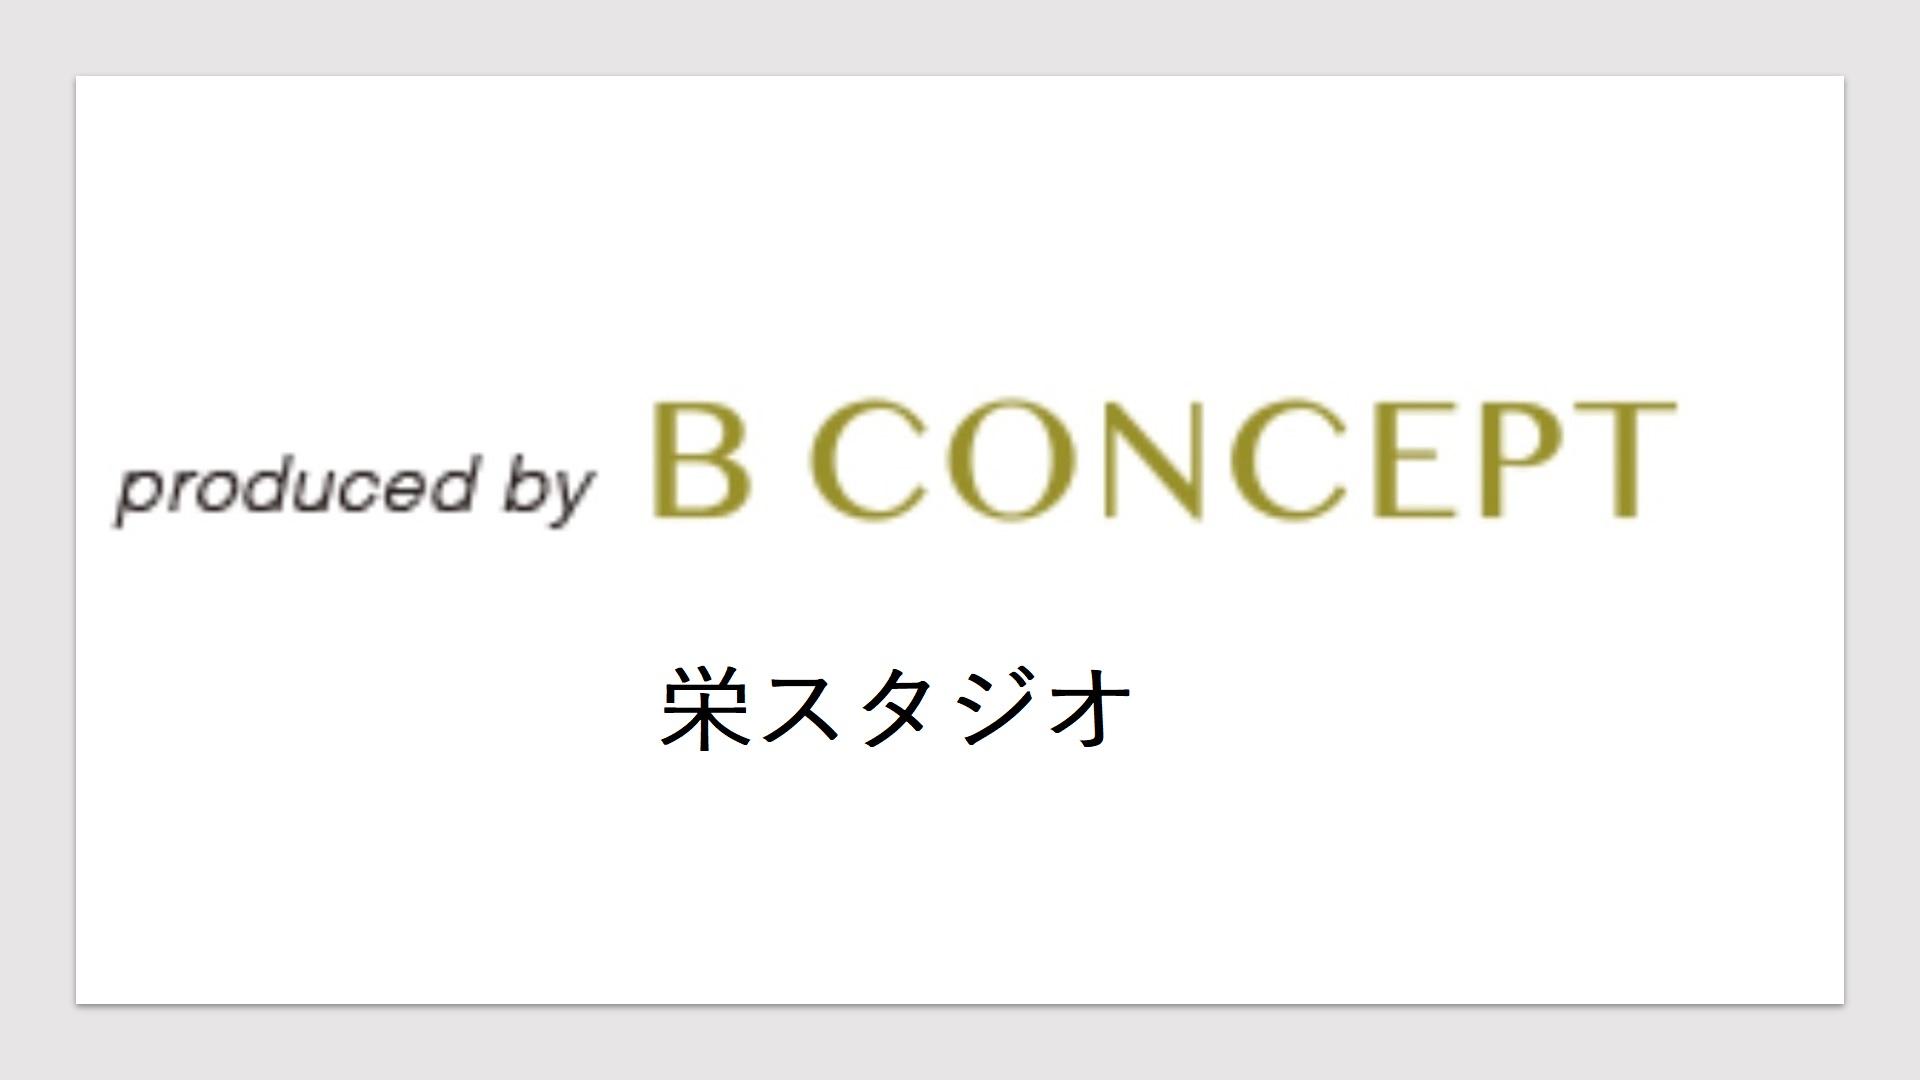 ビーコンセプト(栄スタジオ)